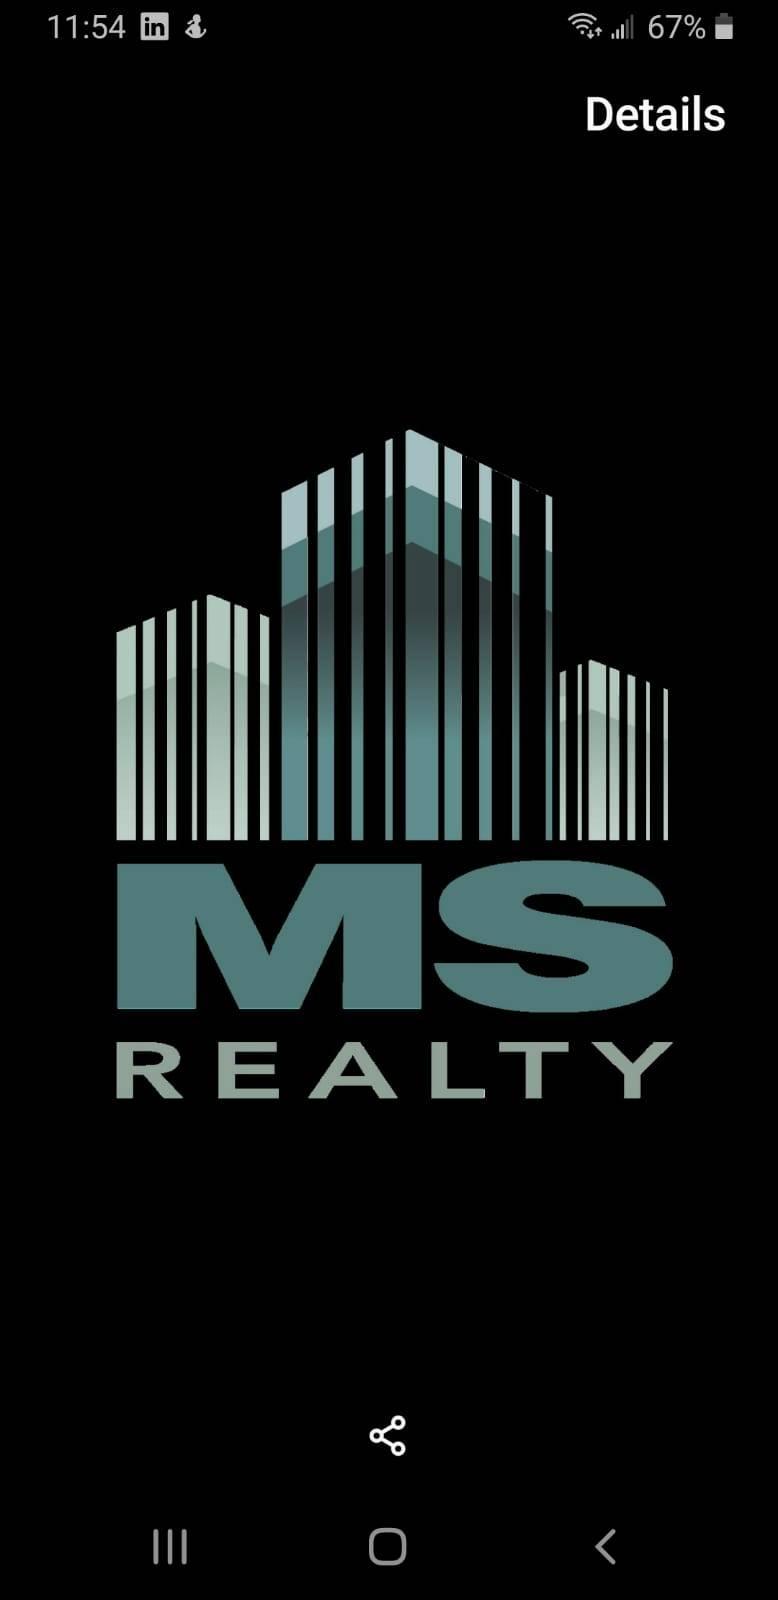 Demanda de juros baixos mobiliza brasileiros residentes e americanos na compra de imóveis residenciais em Orlando